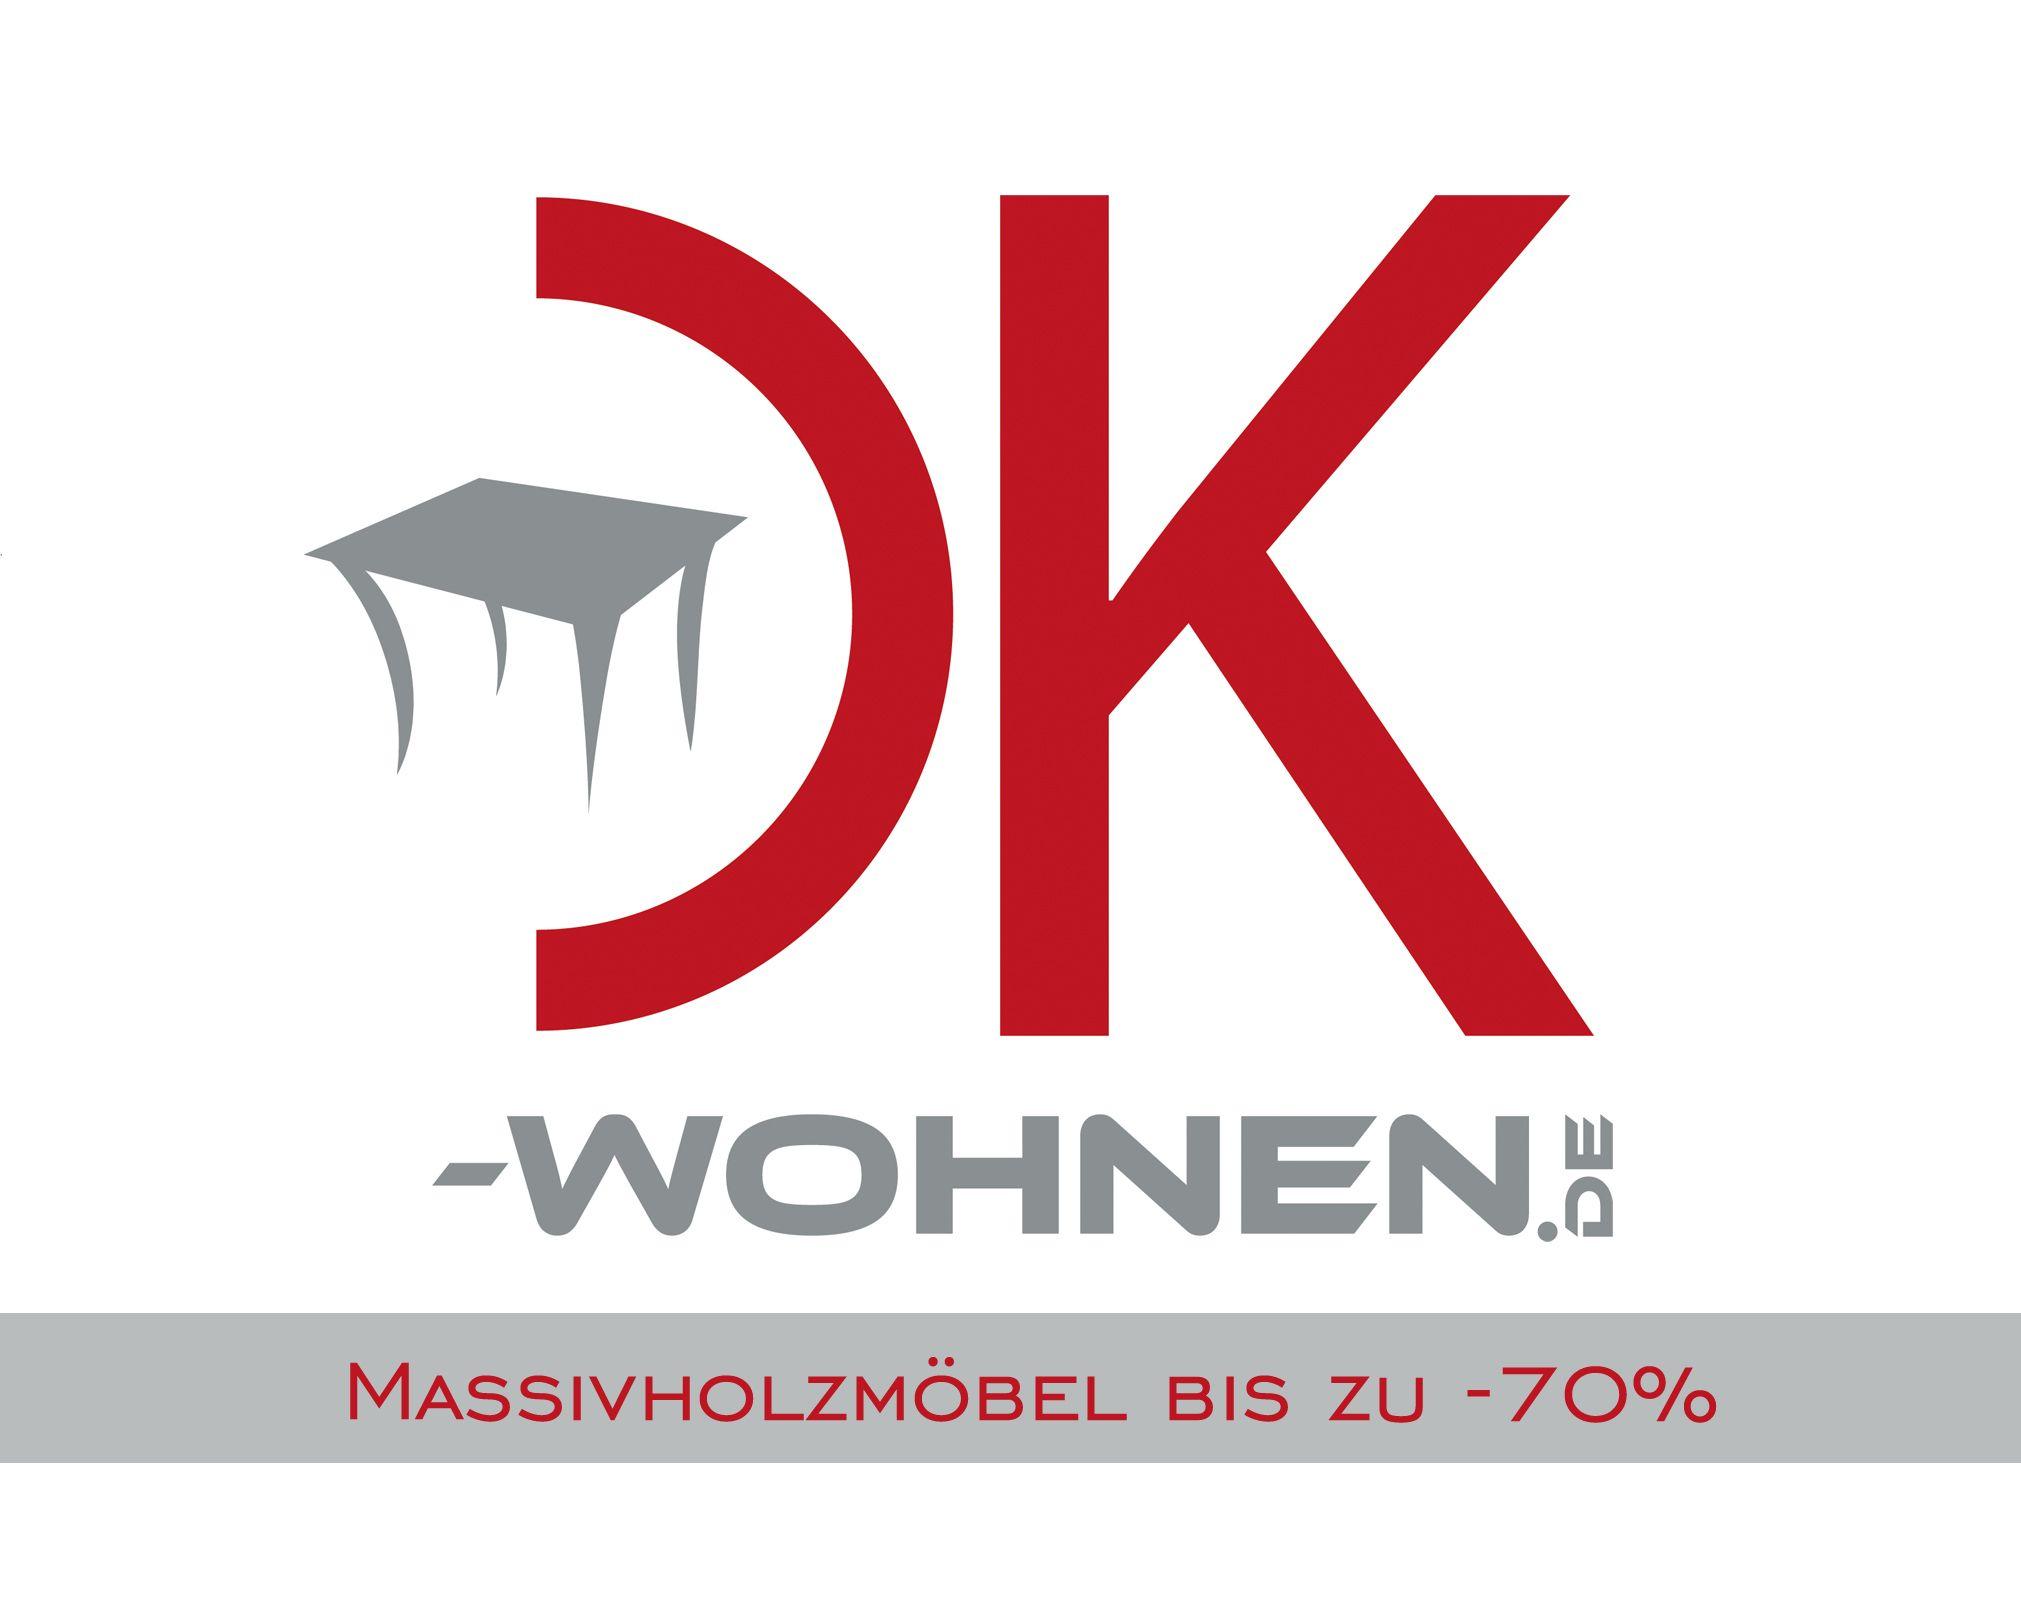 Online Möbelshop bis zu -70% reduziert! Massiv- / Echt ...